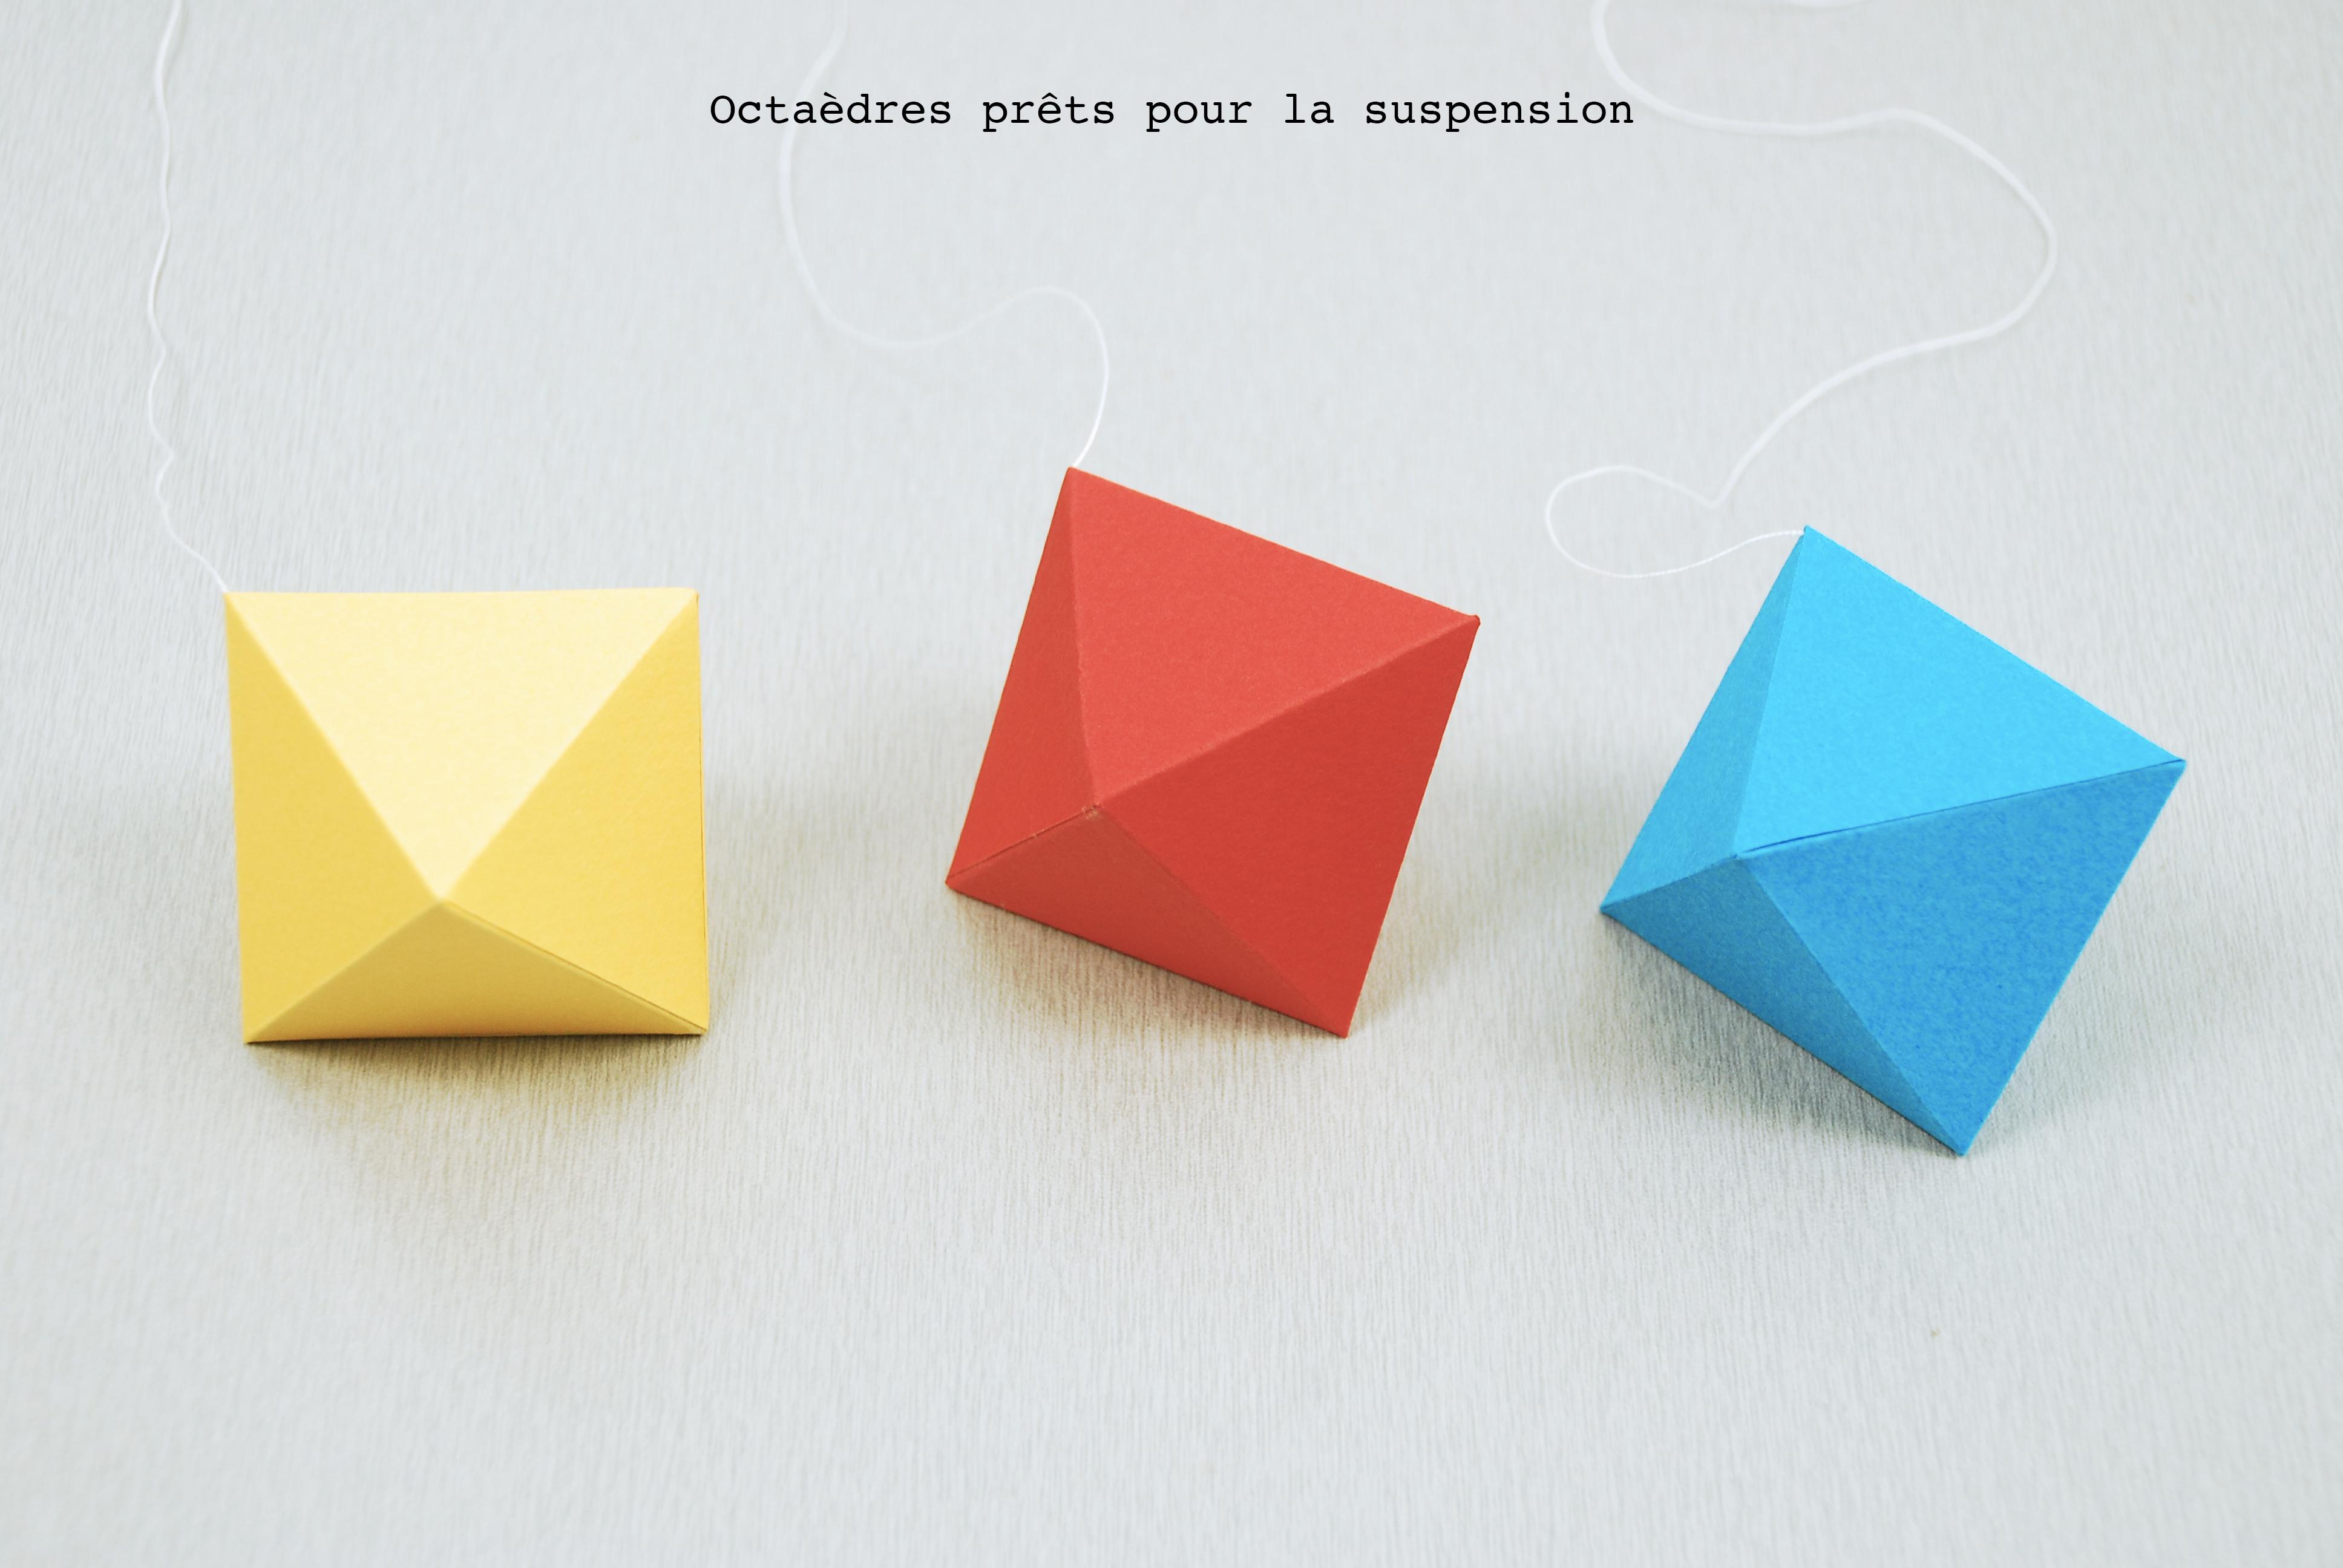 Éléments pour le mobile des octaèdres